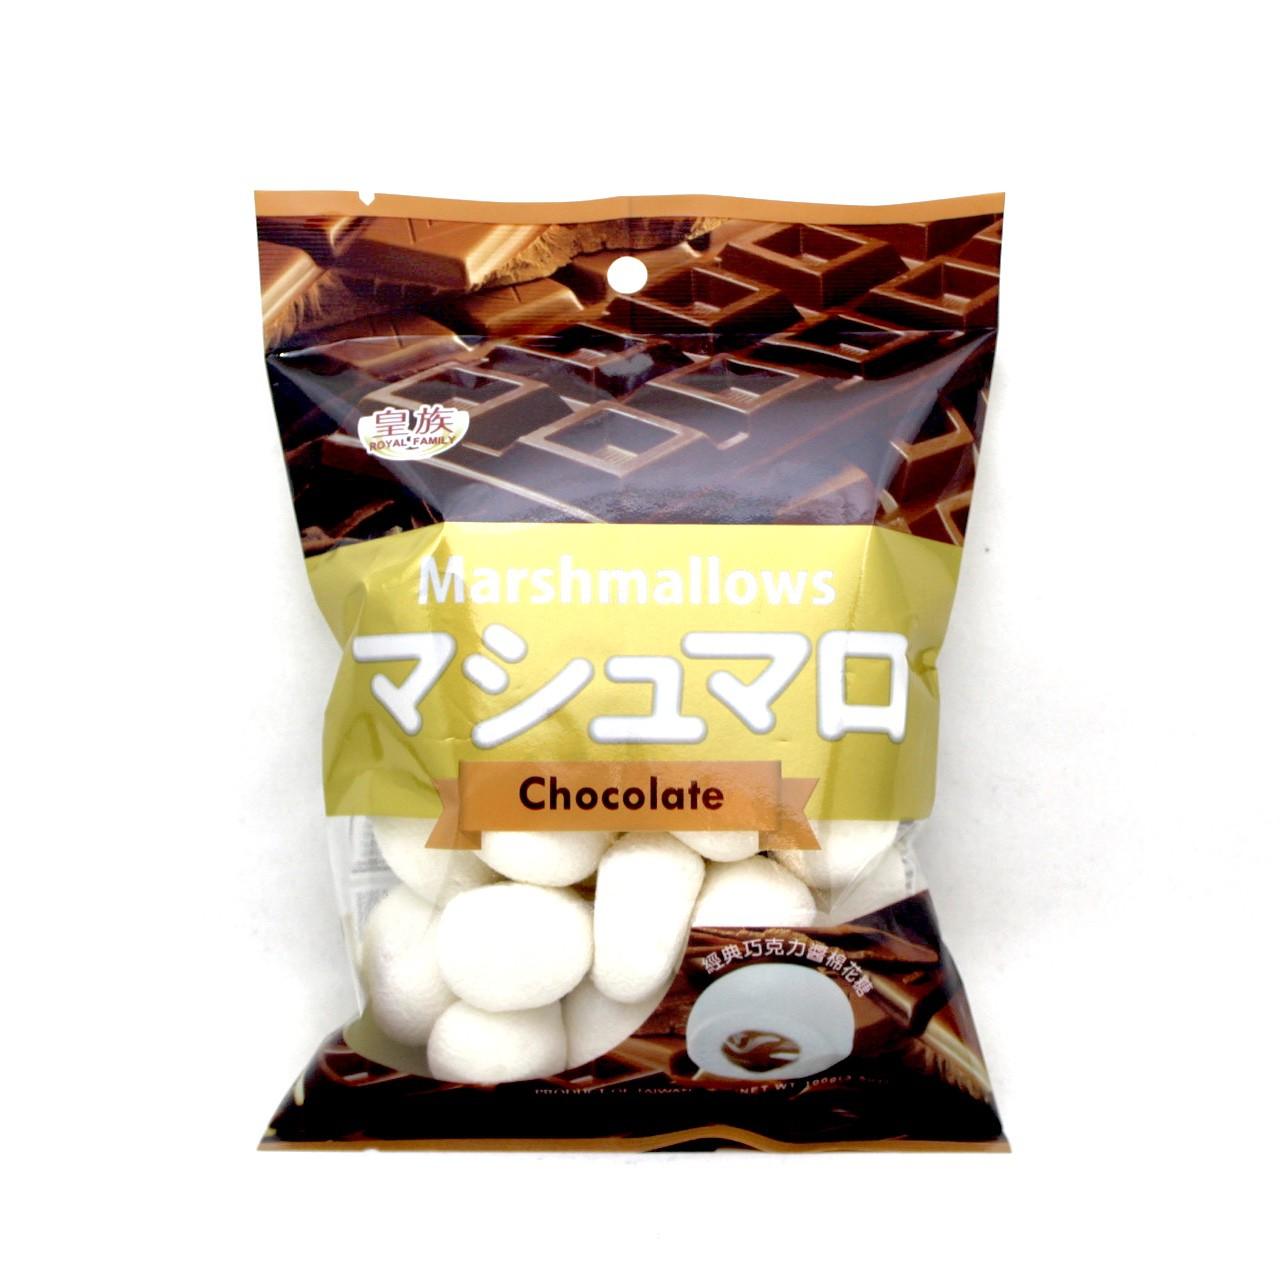 ROYAL MARSHMELLOW CHOCOLATE 100g